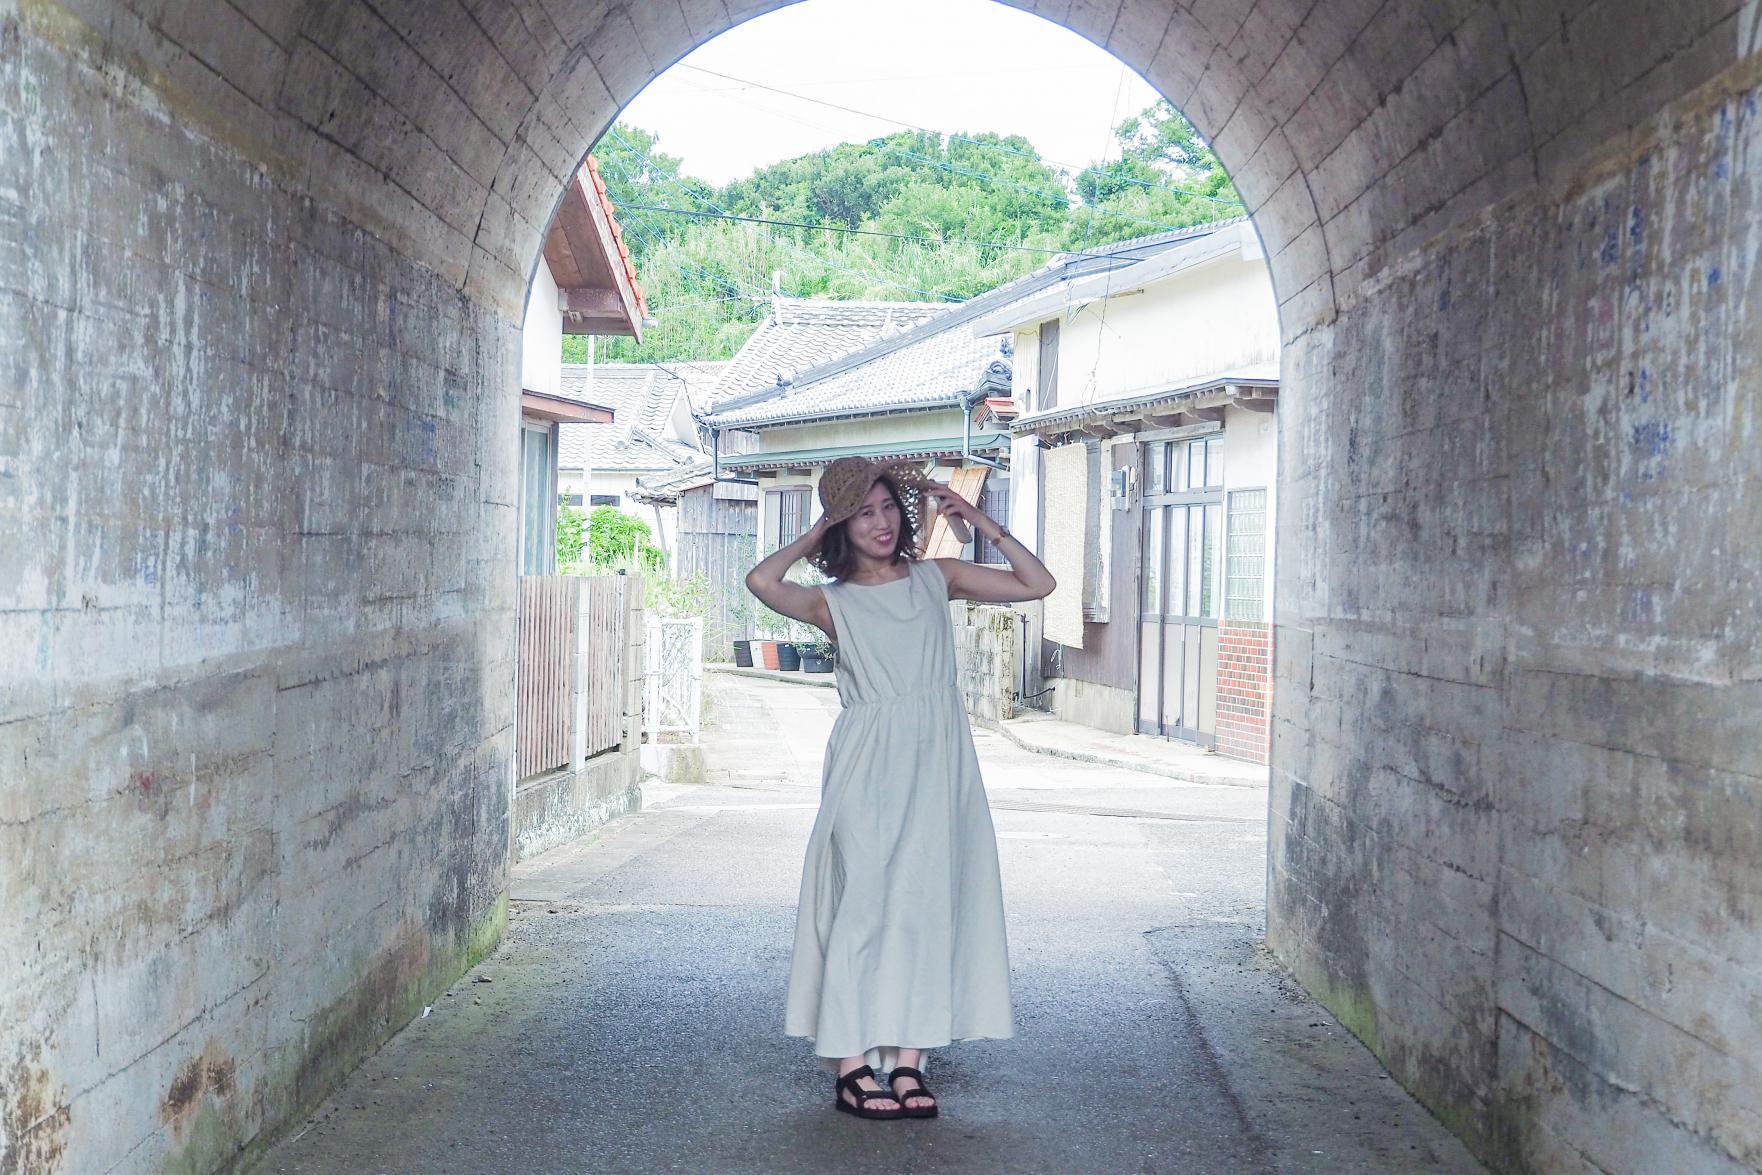 ノスタルジックでエモい!!神浦のトンネル☆-2